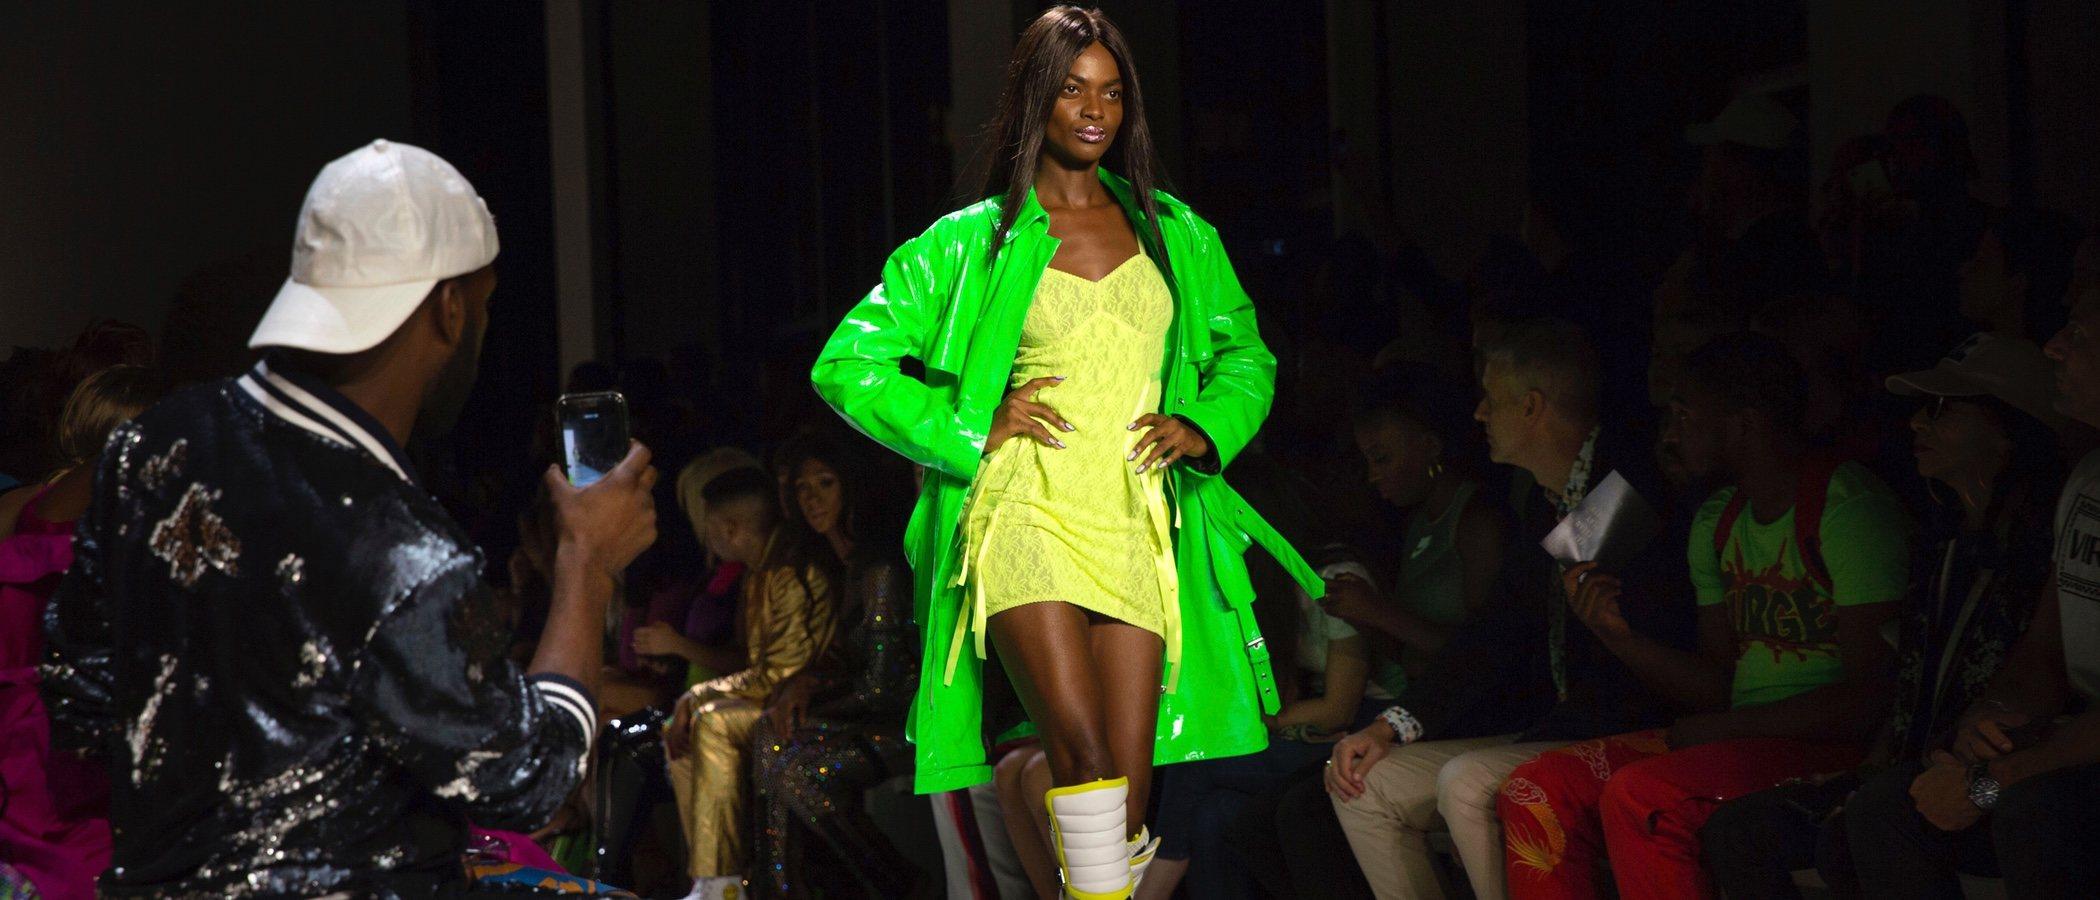 La New York Fashion Week se inunda de colores flúor con la primavera/verano 2019 de Jeremy Scott